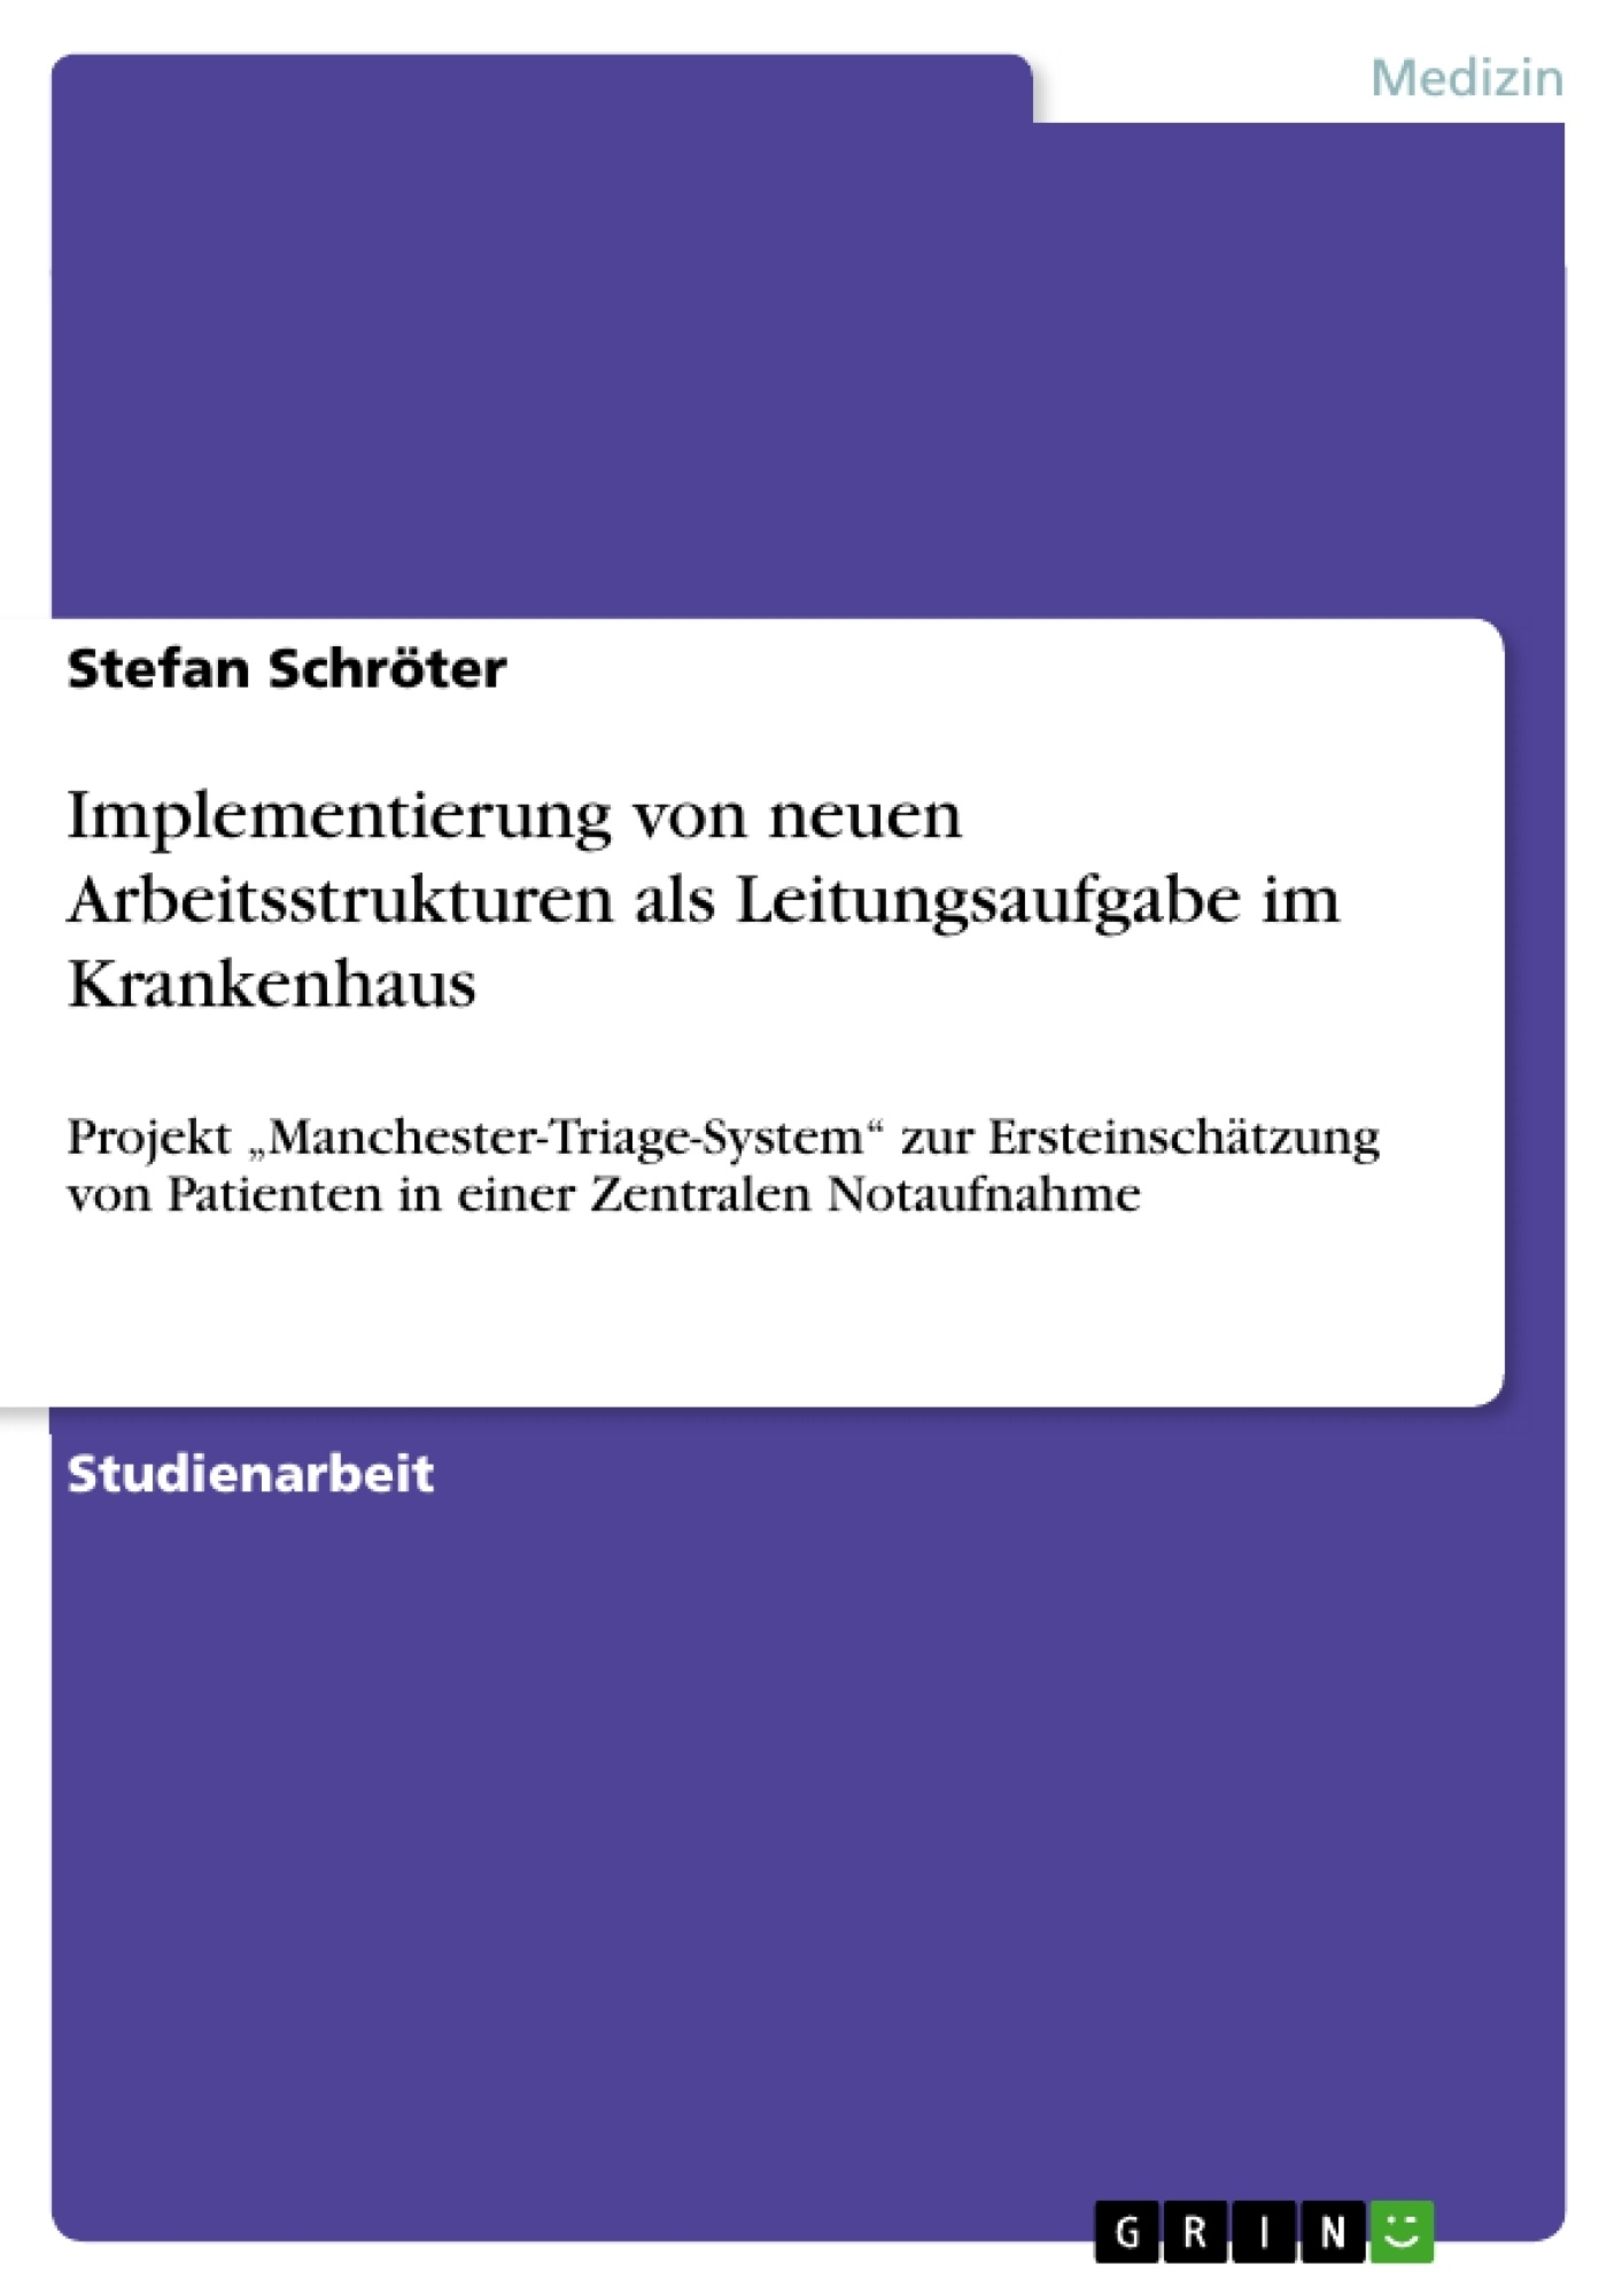 Titel: Implementierung von neuen Arbeitsstrukturen als Leitungsaufgabe im Krankenhaus